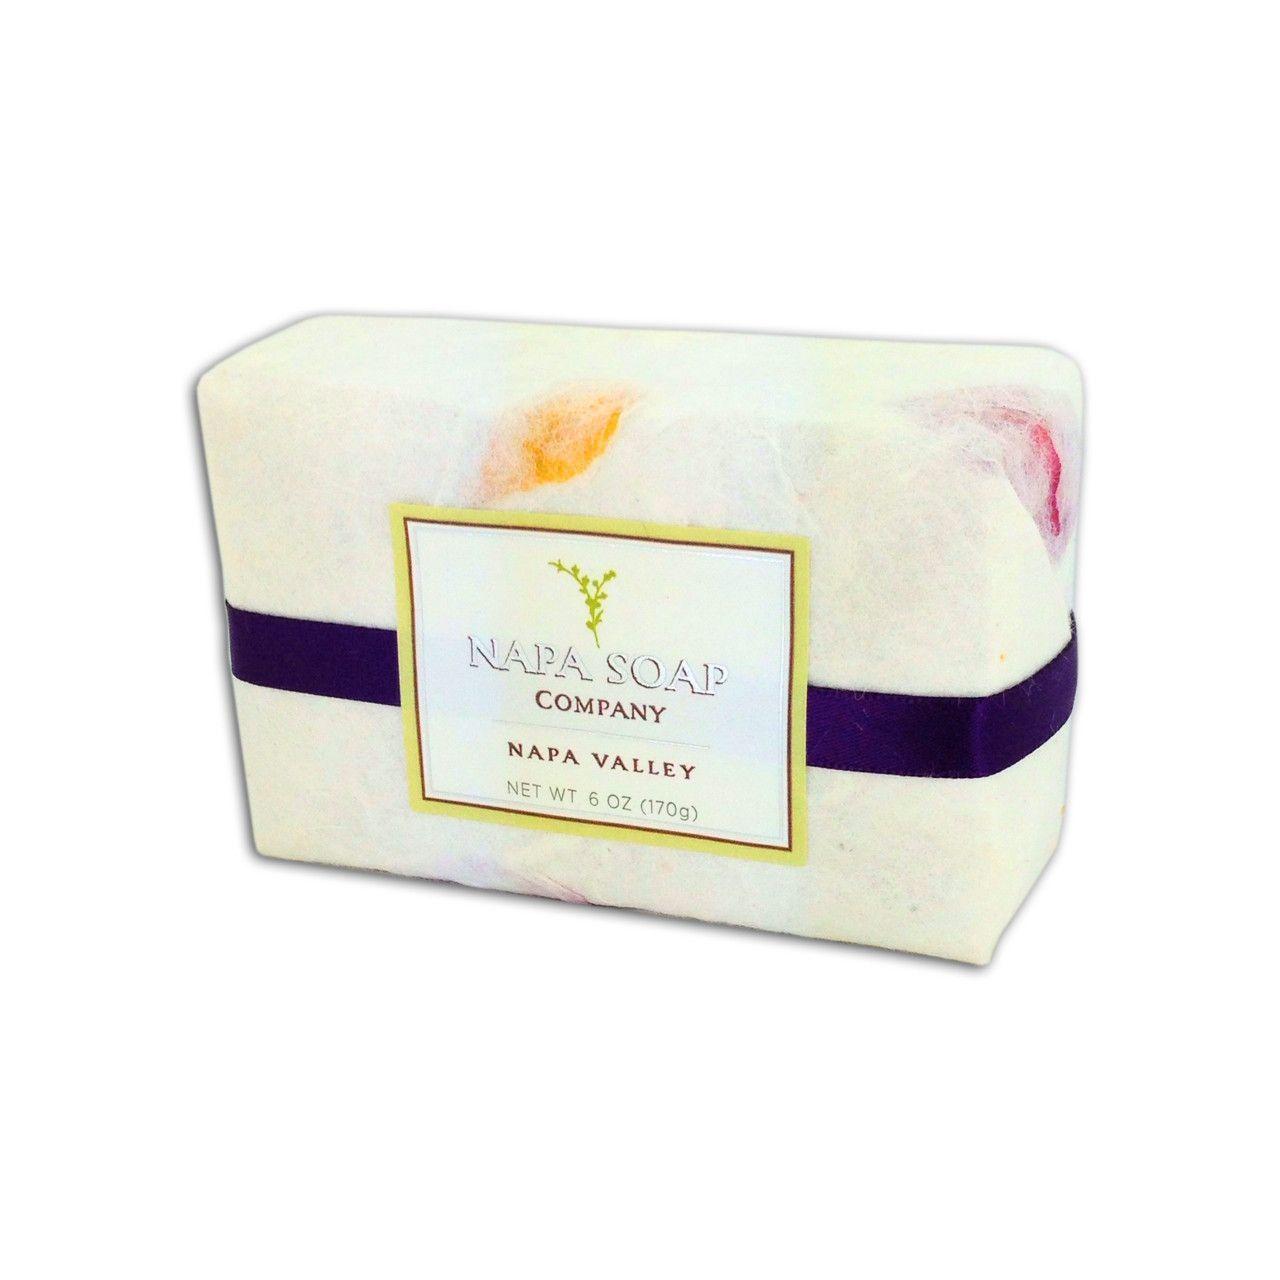 Napa Soap Company - Black Olive & Syrah Bar Soap